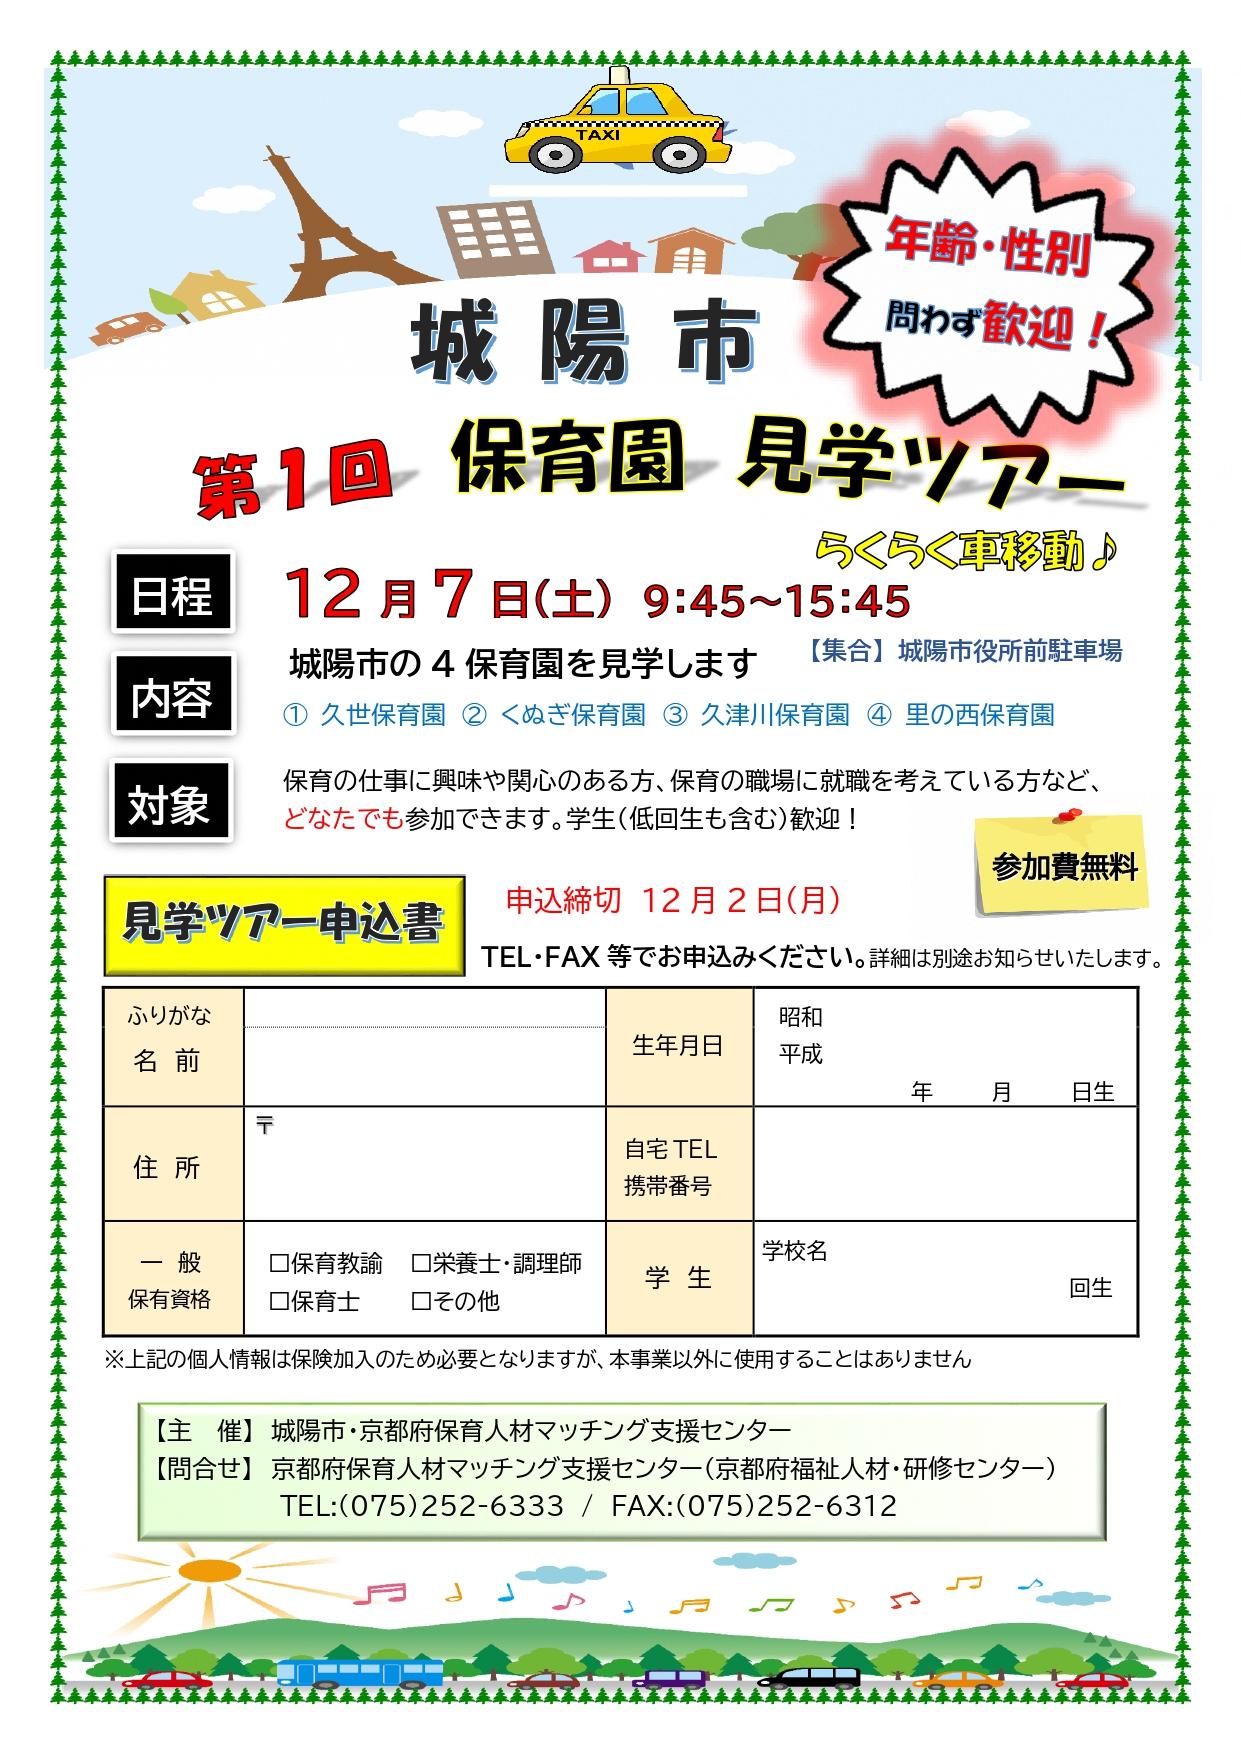 【12月7日開催】城陽市 第1回 保育園・認定こども園見学ツアー